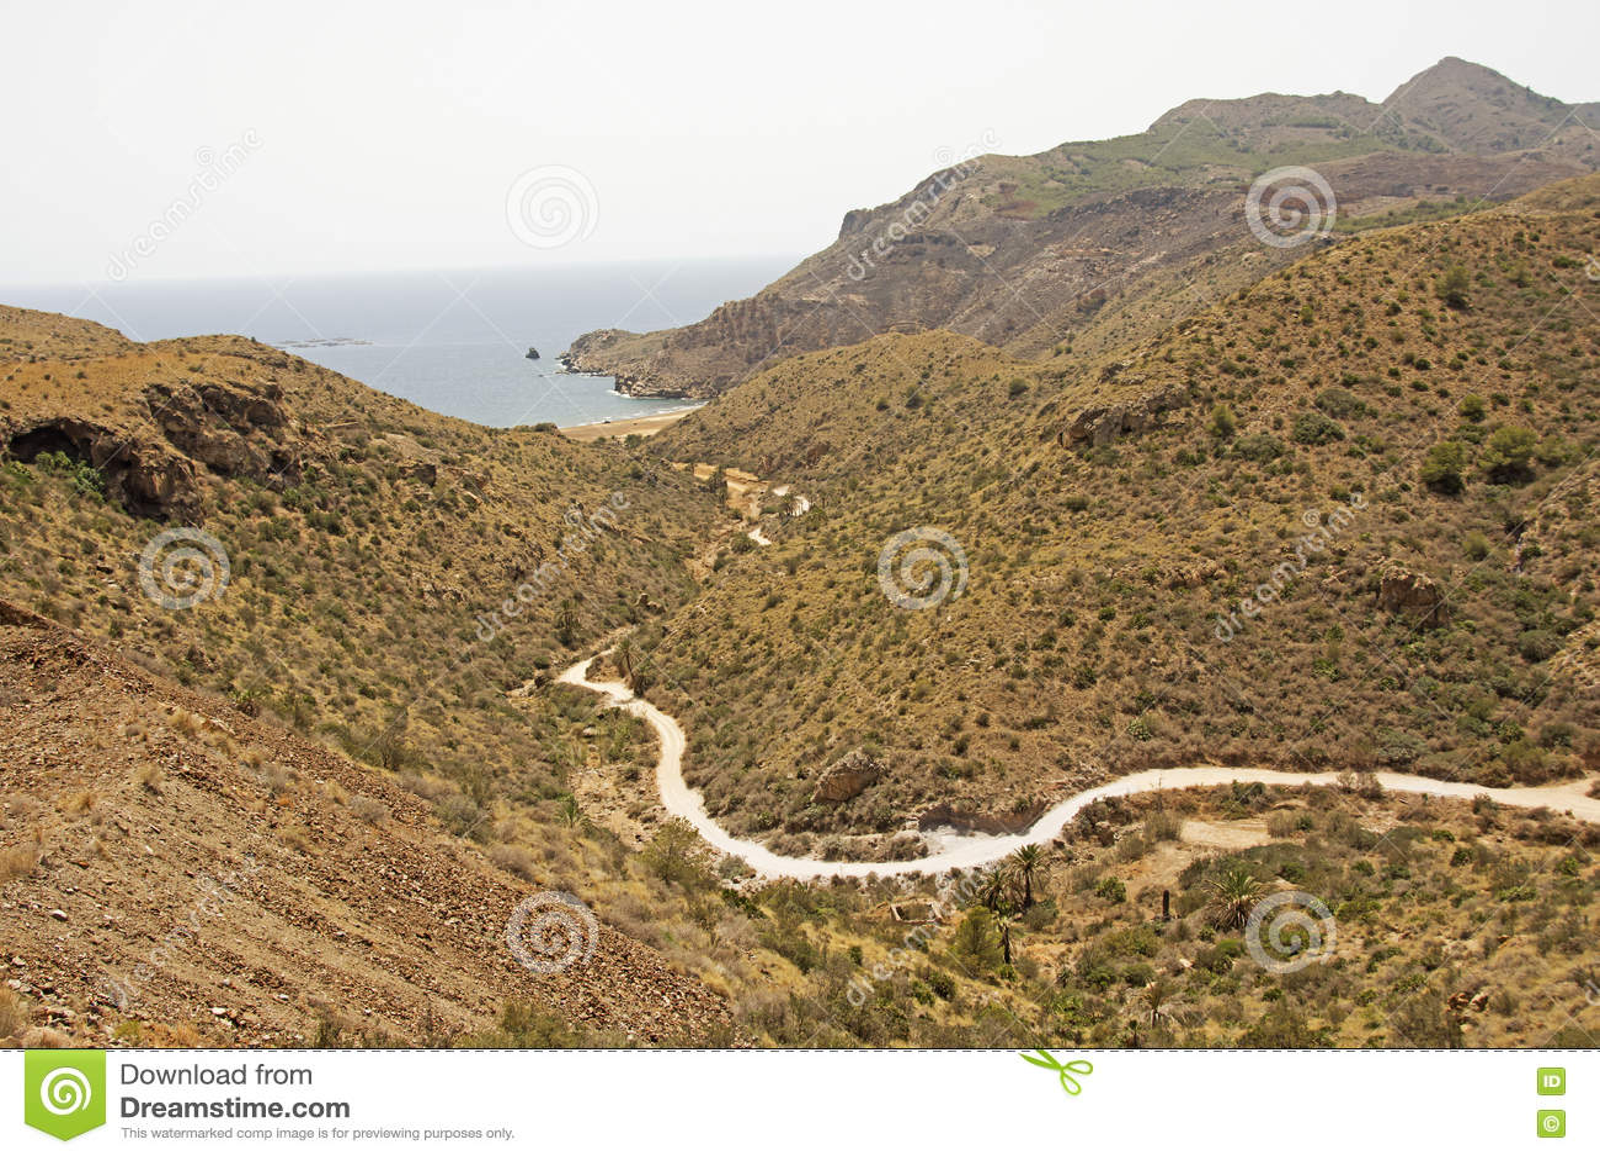 Secluded Sandy Beaches Near Murcia